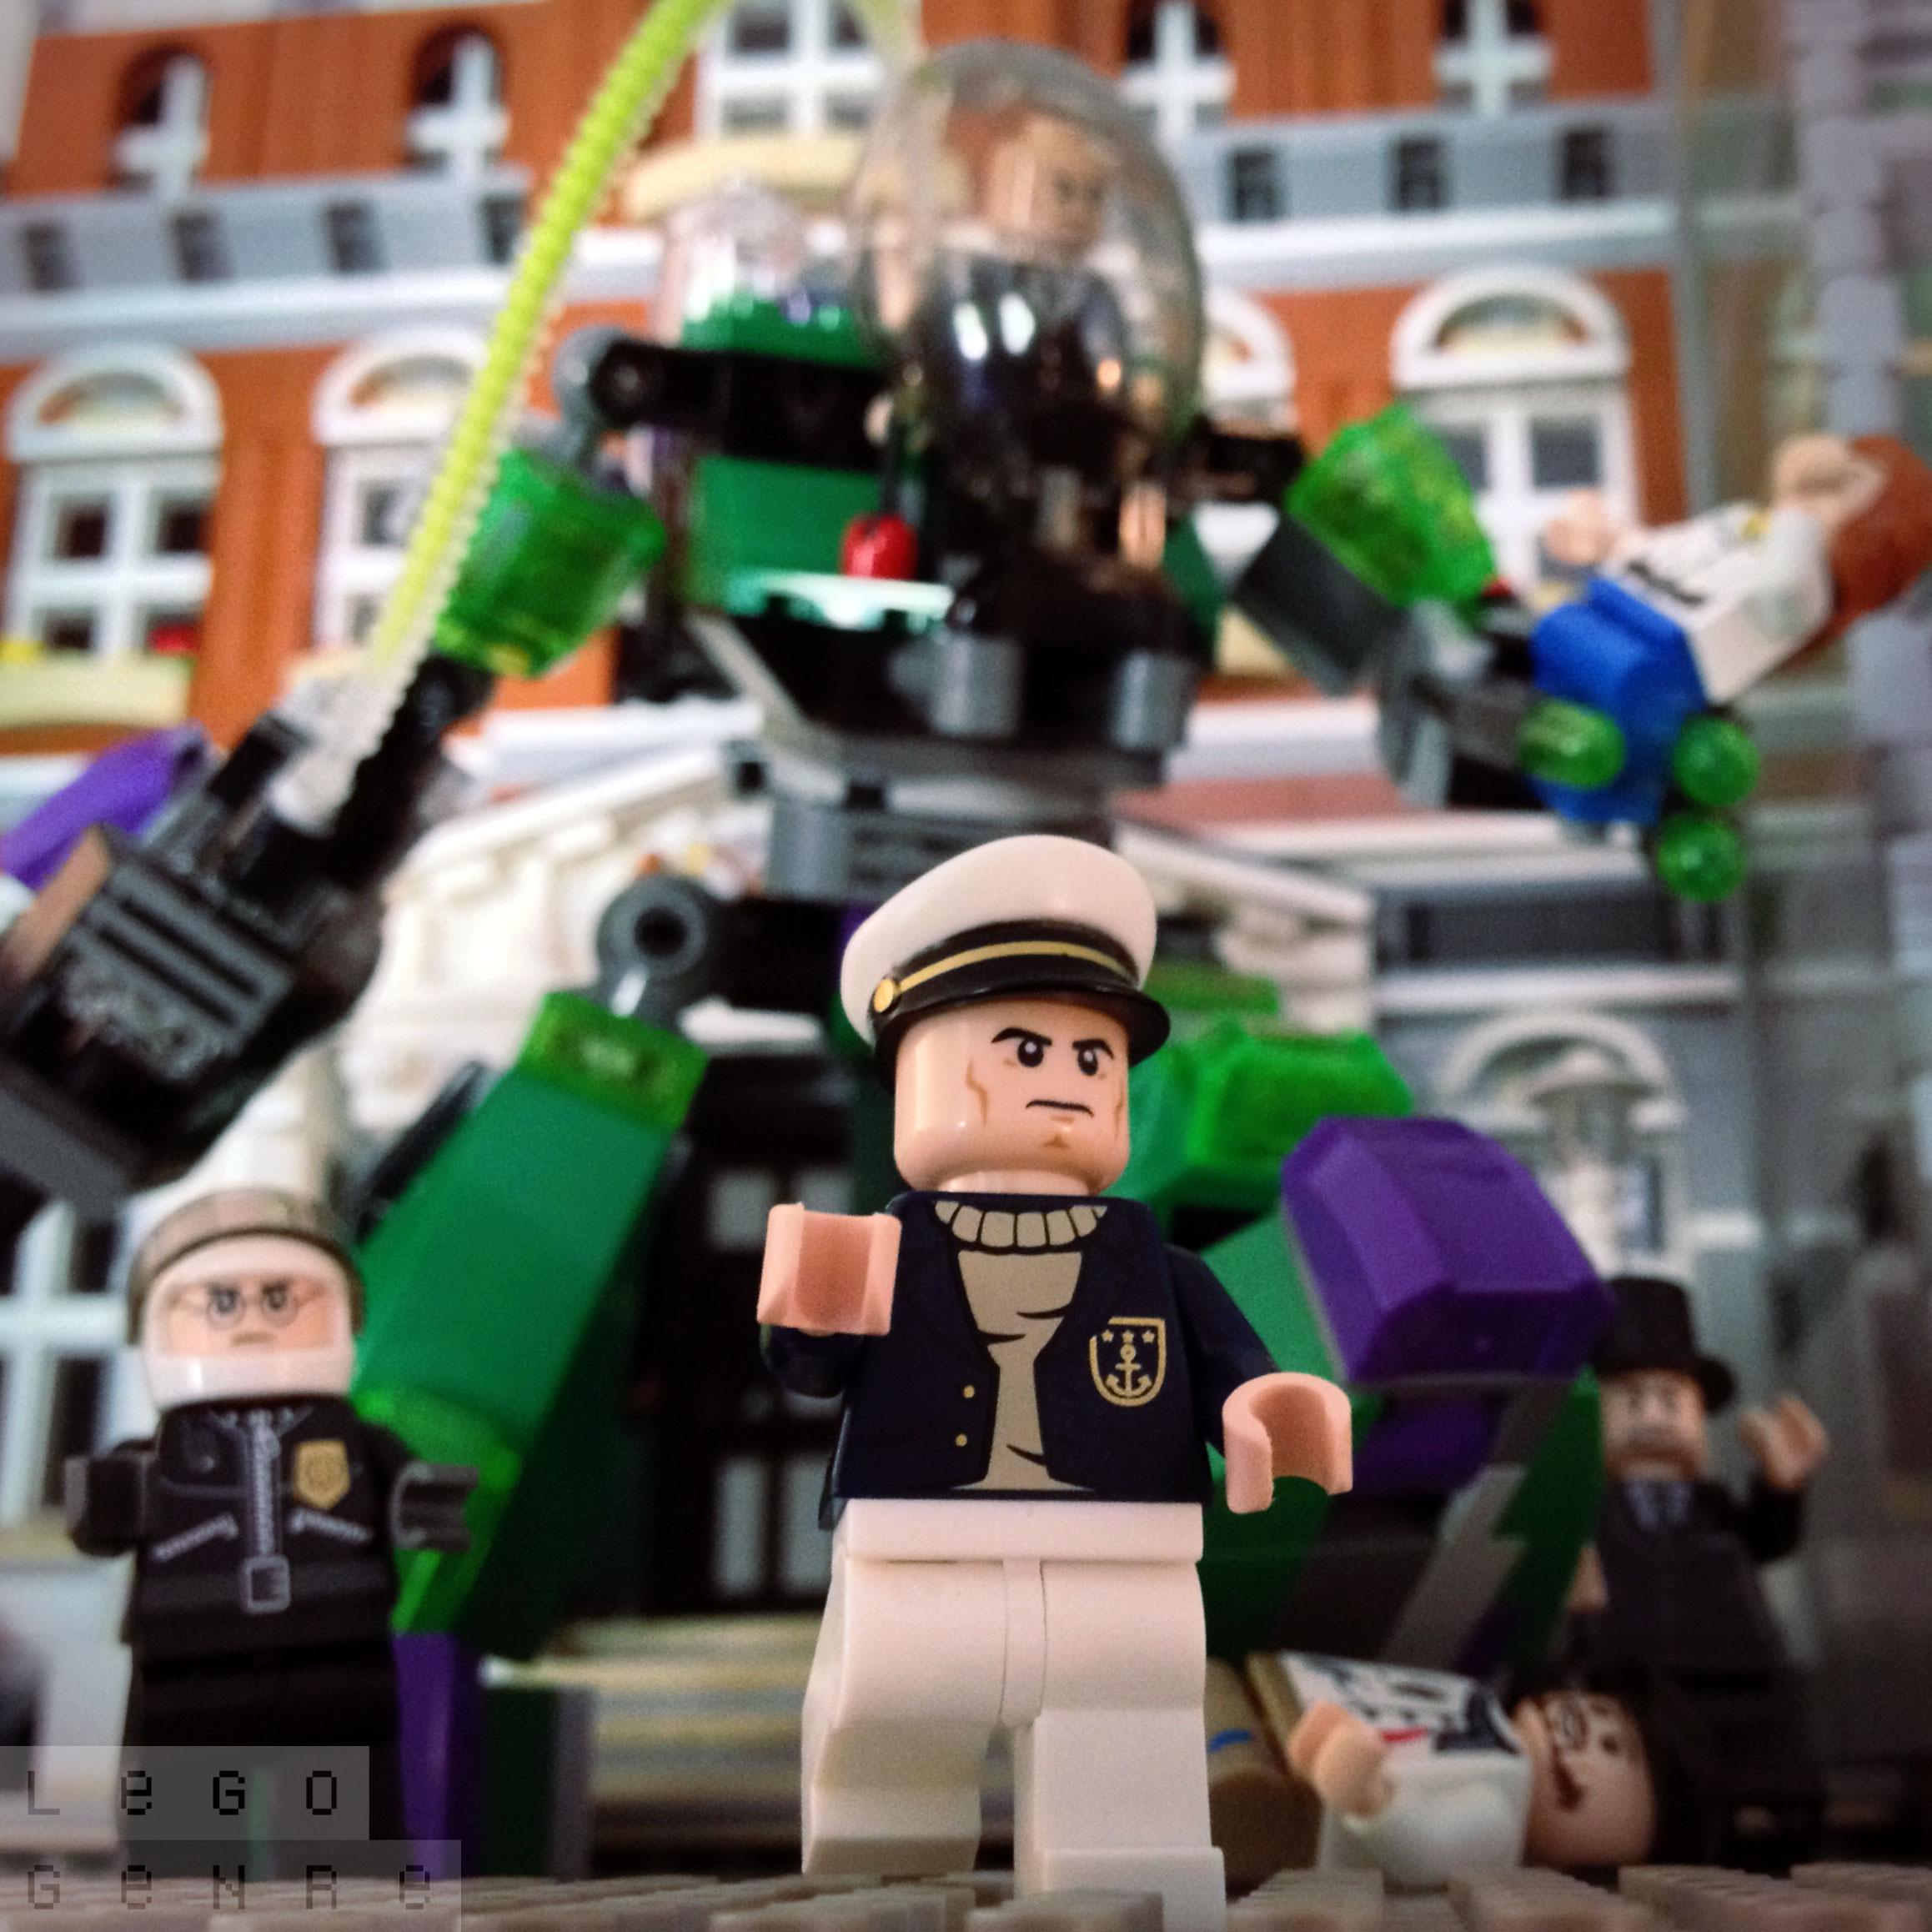 LegoGenre 00290: Lex Luthor And His Power Armor.